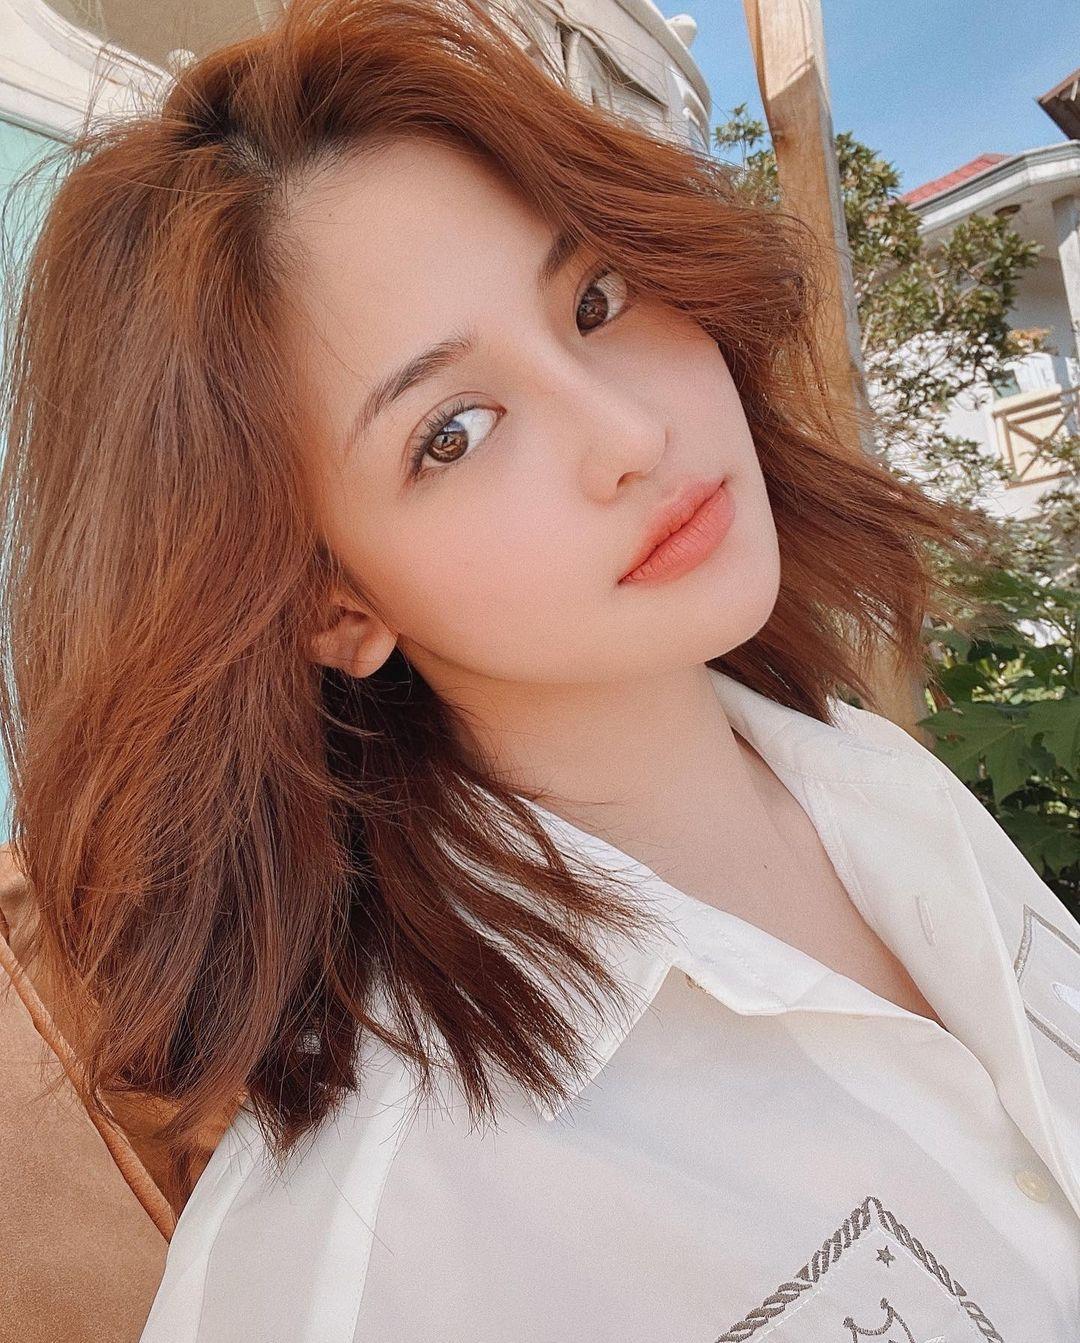 5 mỹ nhân Việt để tóc ngắn xuất sắc nhất: Ngắm là muốn cắt phăng mái tóc dài, nàng 30+ tìm được nhiều kiểu siêu hợp - Ảnh 15